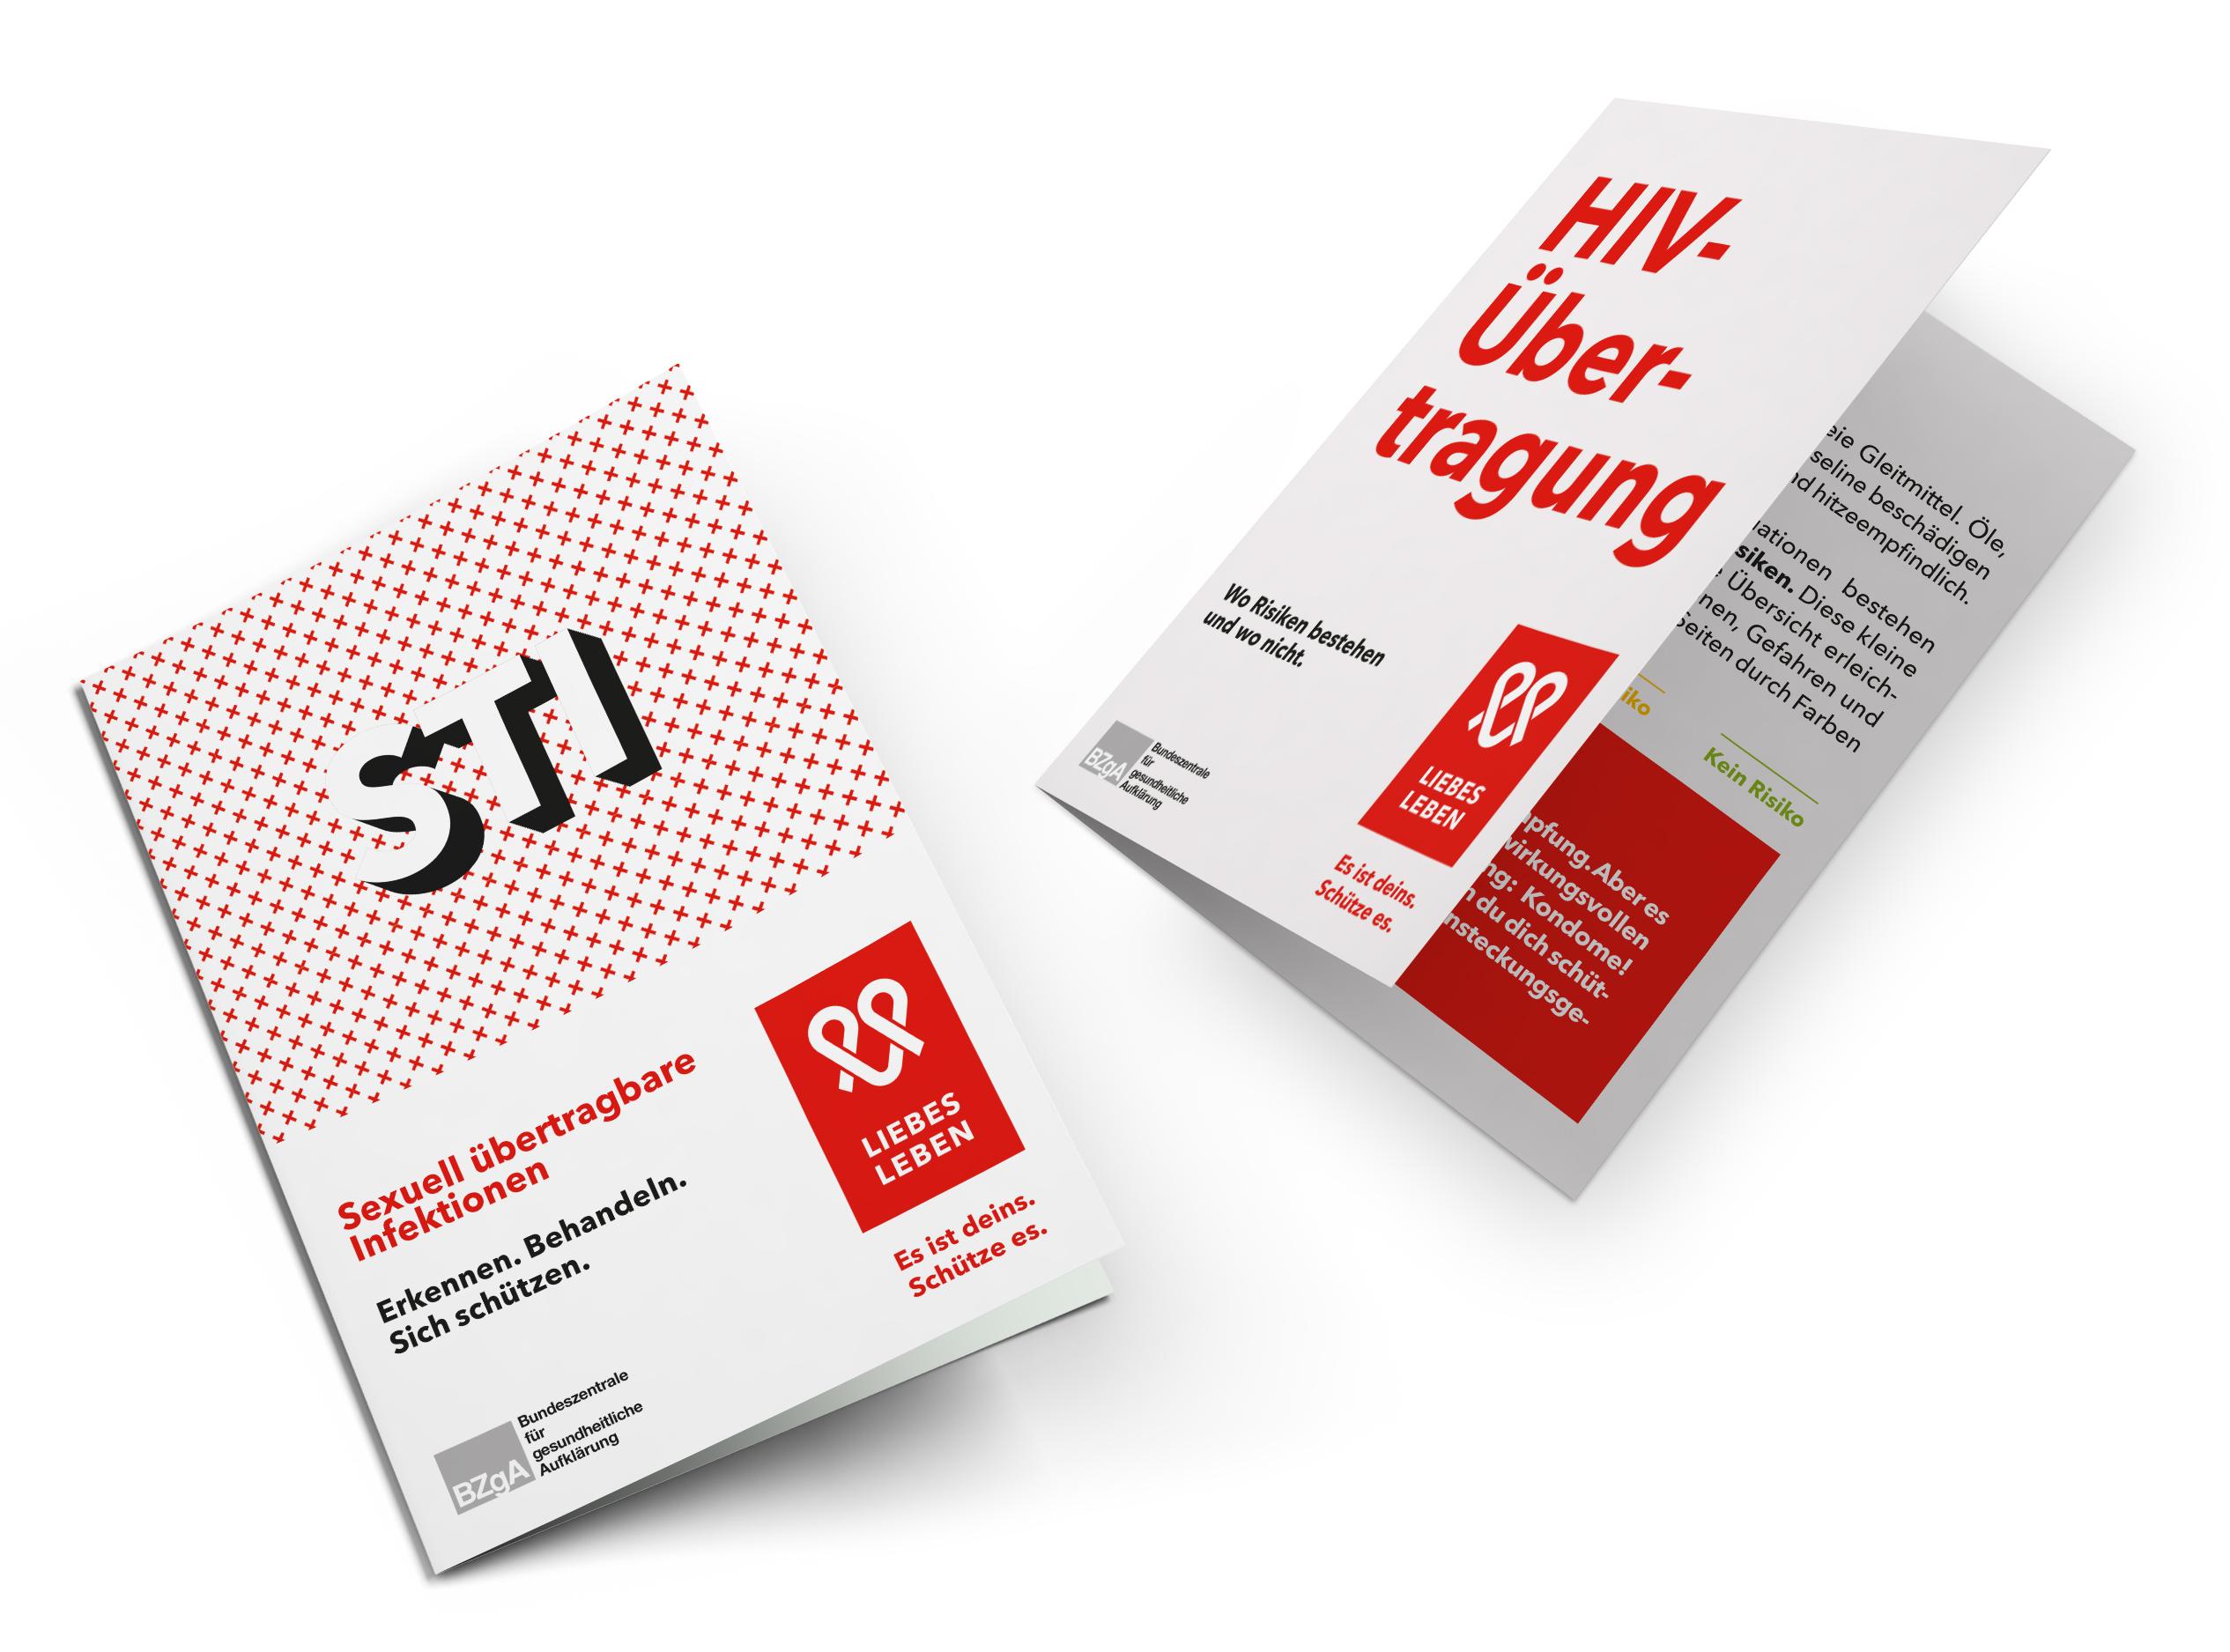 Bild zu Broschüren und weitere Informationsmaterialien zu HIV und anderen sexuell übertragbaren Infektionen (STI)